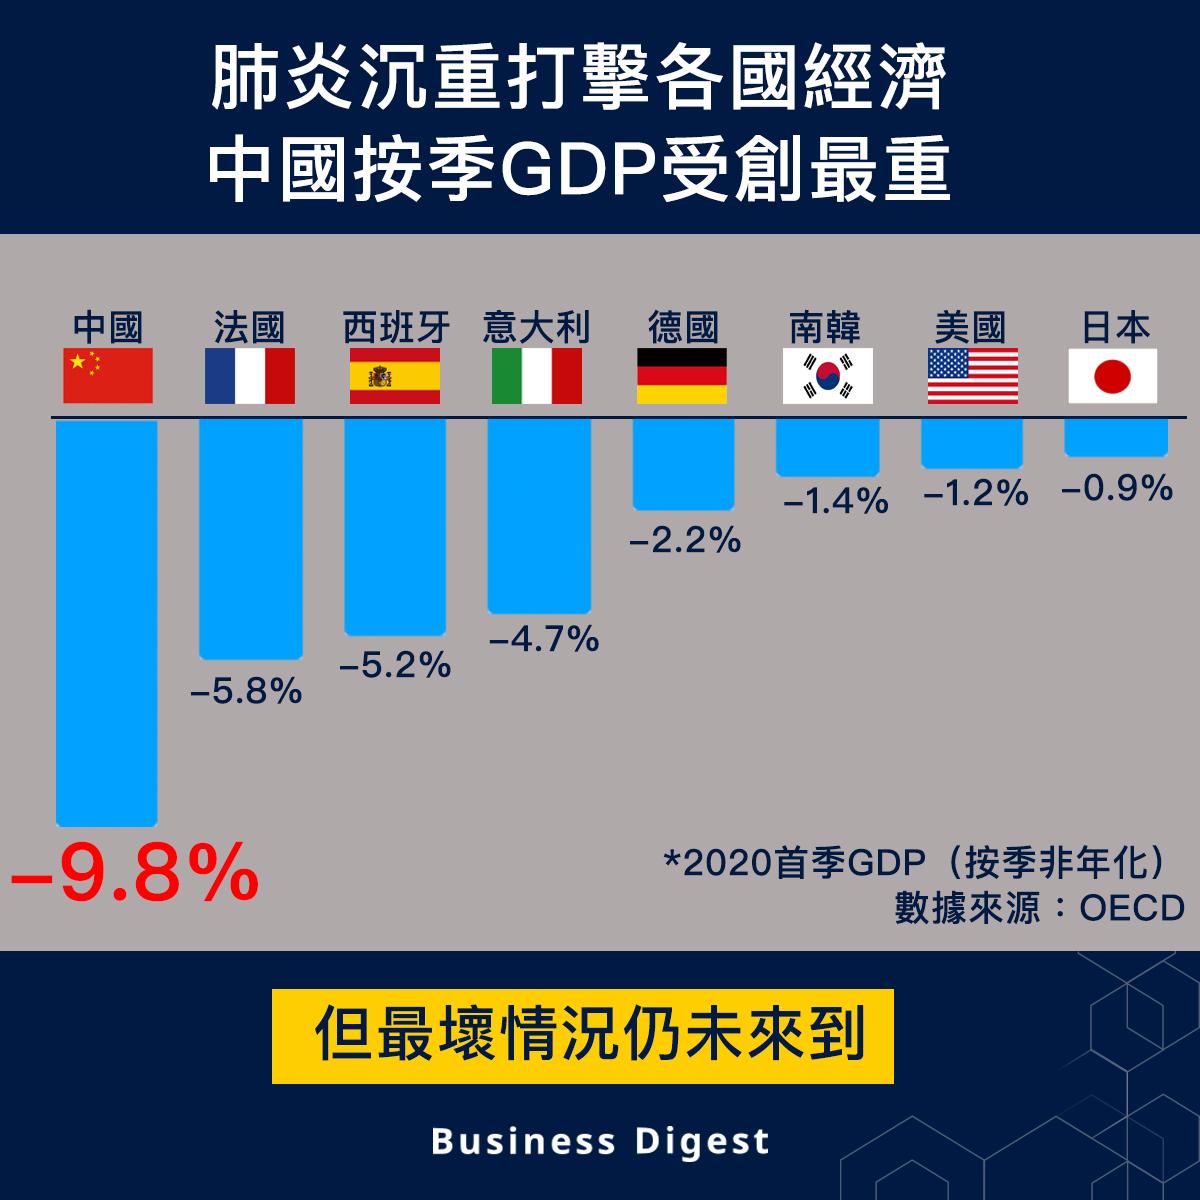 【從數據認識經濟】肺炎沉重打擊各國經濟 中國按季GDP受創最重